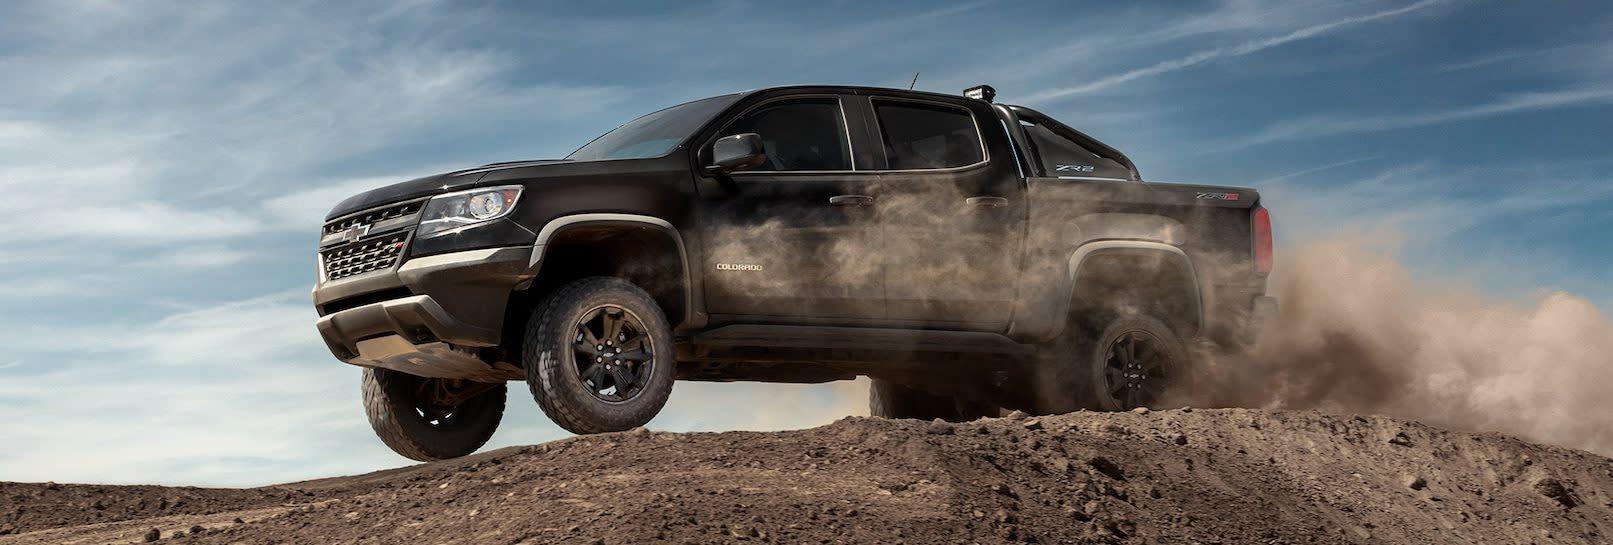 Chevrolet Colorado 2020 a la venta cerca de Escondido, CA